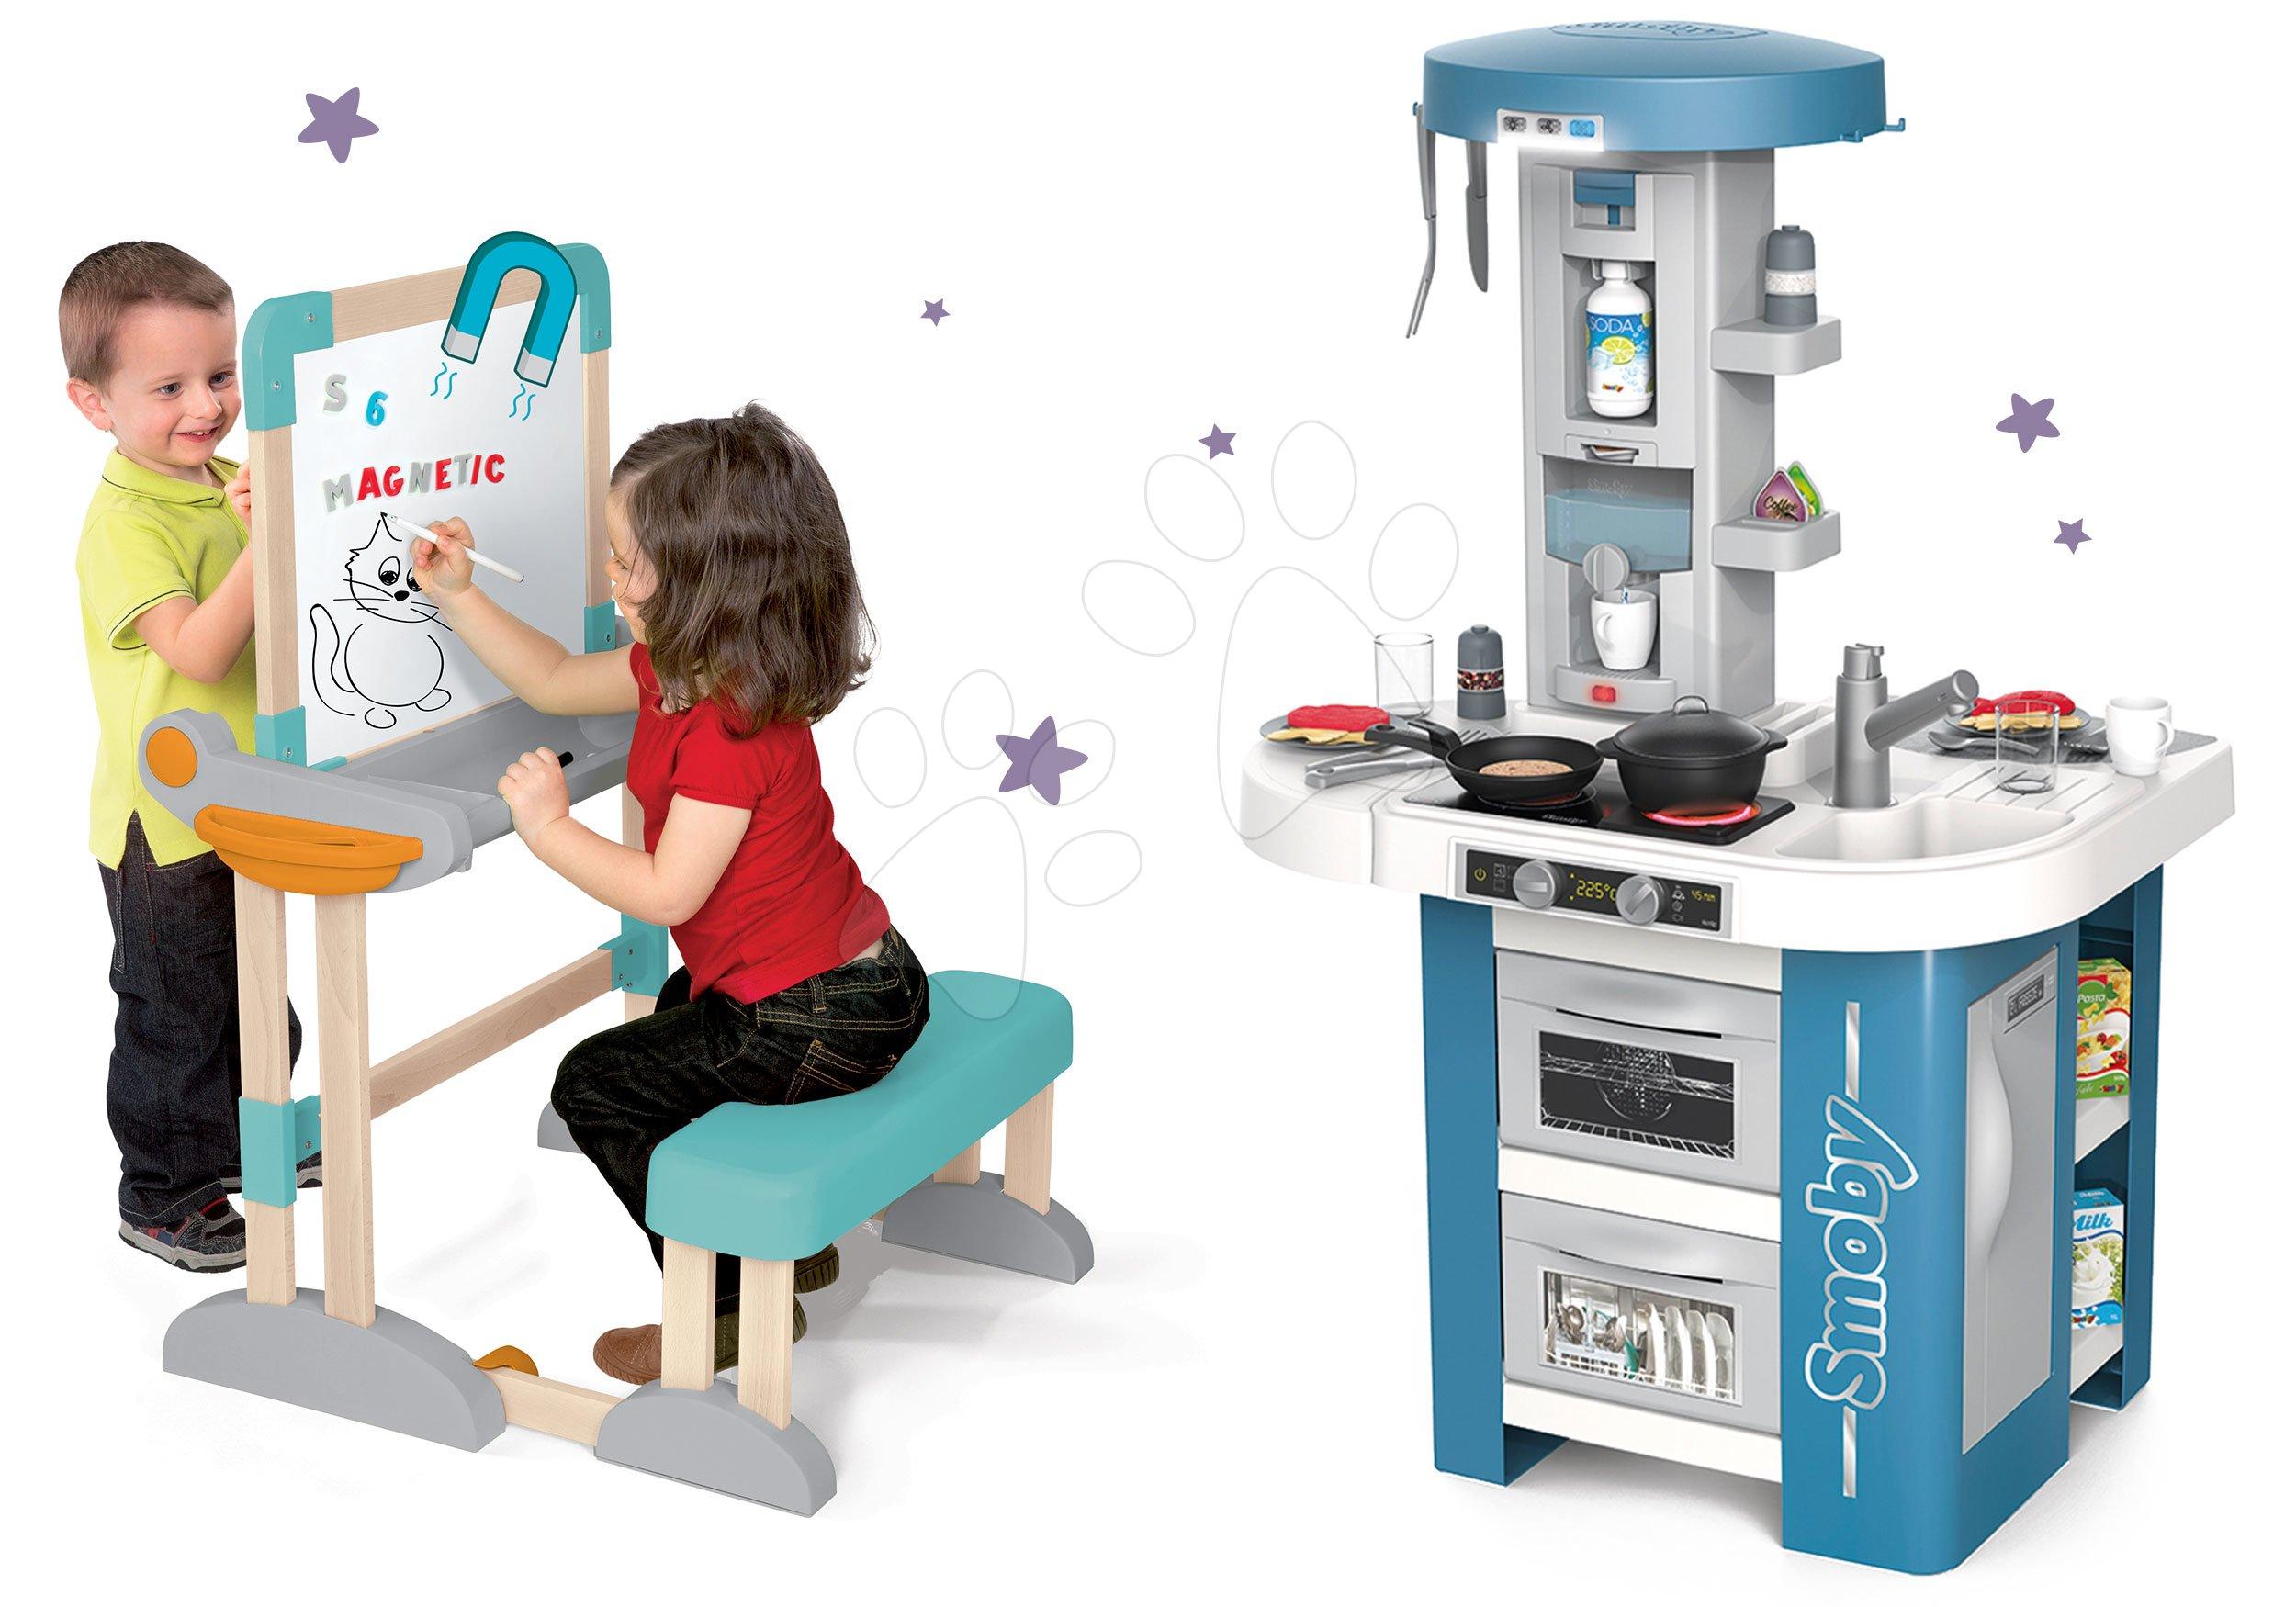 Set kuchyňka s technickým vybavením Tech Edition Smoby elektronická s lavicí na psaní a kreslení mag